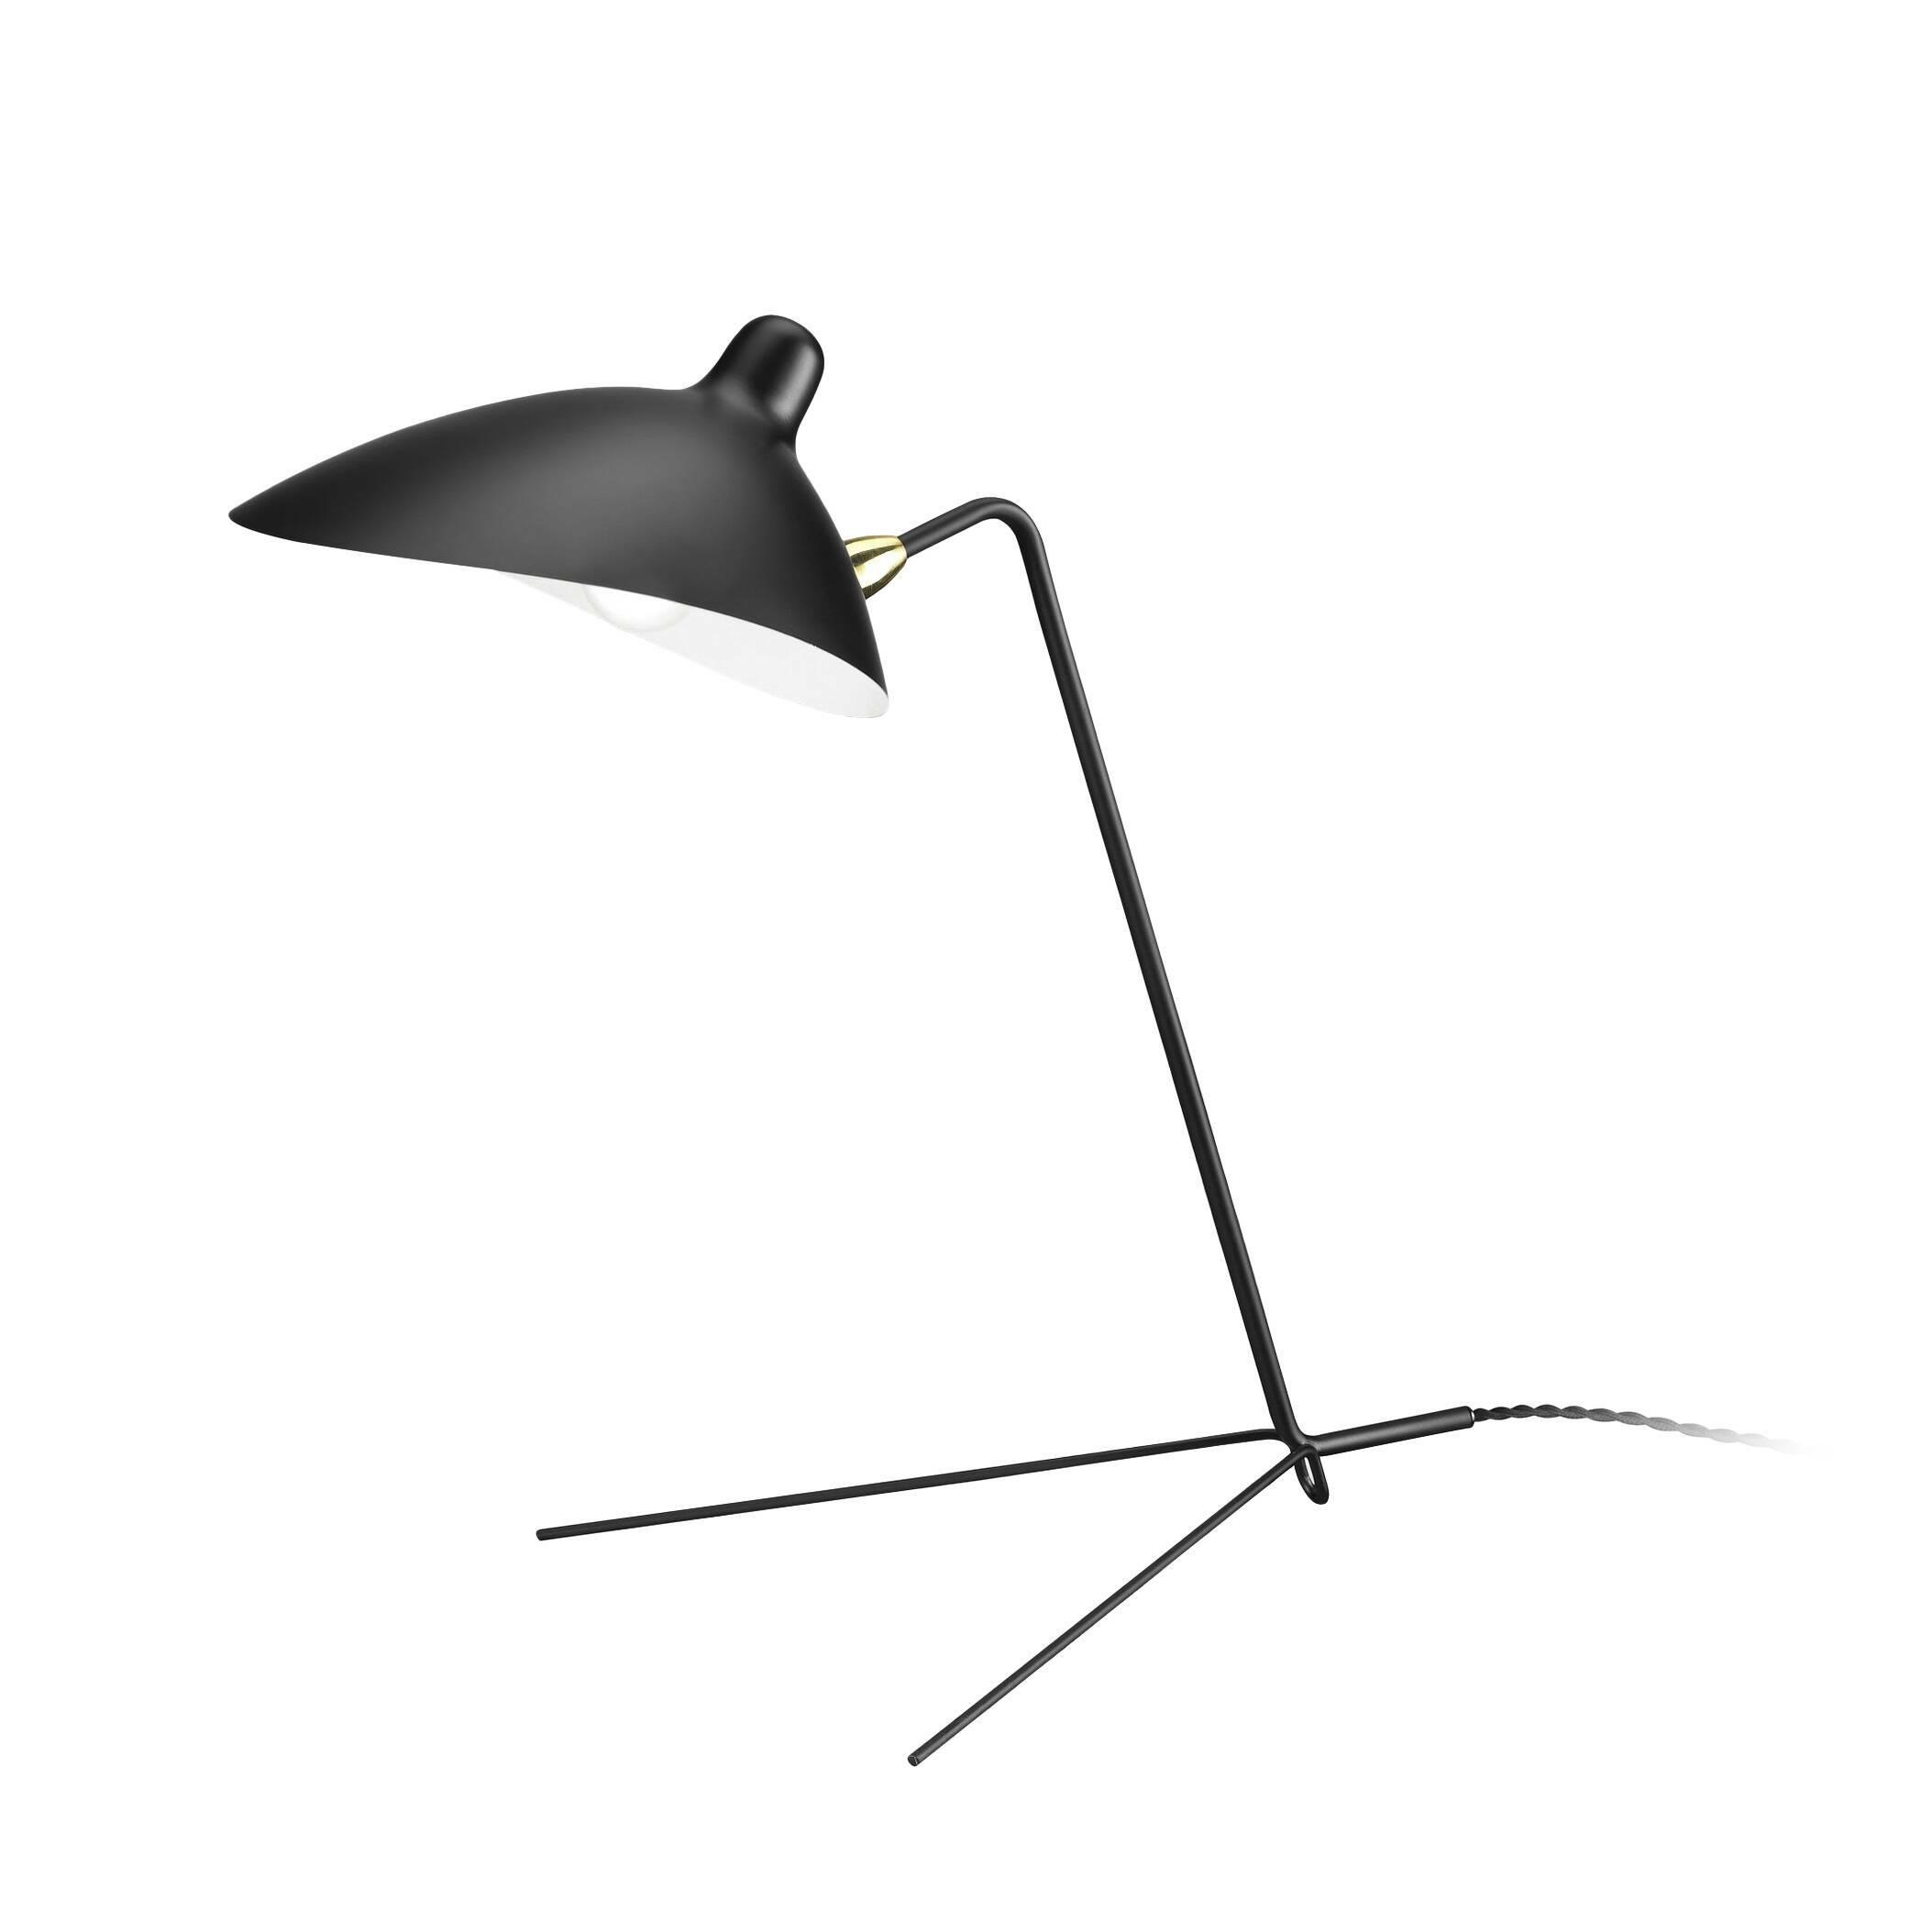 Настольный светильник CasquetteНастольные<br>Творения известного дизайнера Сержа Муя словно живые, они создают ощущение движения в пространстве, оживляют окружающий их интерьер, придают ему особую энергию и стиль. Настольный светильник Casquette — это одна из наиболее известных его работ. Изделие похоже на функционального насекомоподобного робота, который призван помогать нам в быту.<br><br><br> Такое ощущение во многом вызвано оригинальной конструкцией ножки-опоры светильника, похожей на лапки или усики. Эта опора изготовлена из прочной...<br><br>stock: 0<br>Высота: 49<br>Ширина: 36<br>Длина: 51<br>Доп. цвет абажура: Латунь<br>Количество ламп: 1<br>Материал абажура: Алюминий<br>Материал арматуры: Сталь<br>Мощность лампы: 75<br>Ламп в комплекте: Нет<br>Тип лампы/цоколь: E14<br>Цвет абажура: Черный<br>Цвет арматуры: Черный<br>Цвет провода: Черный